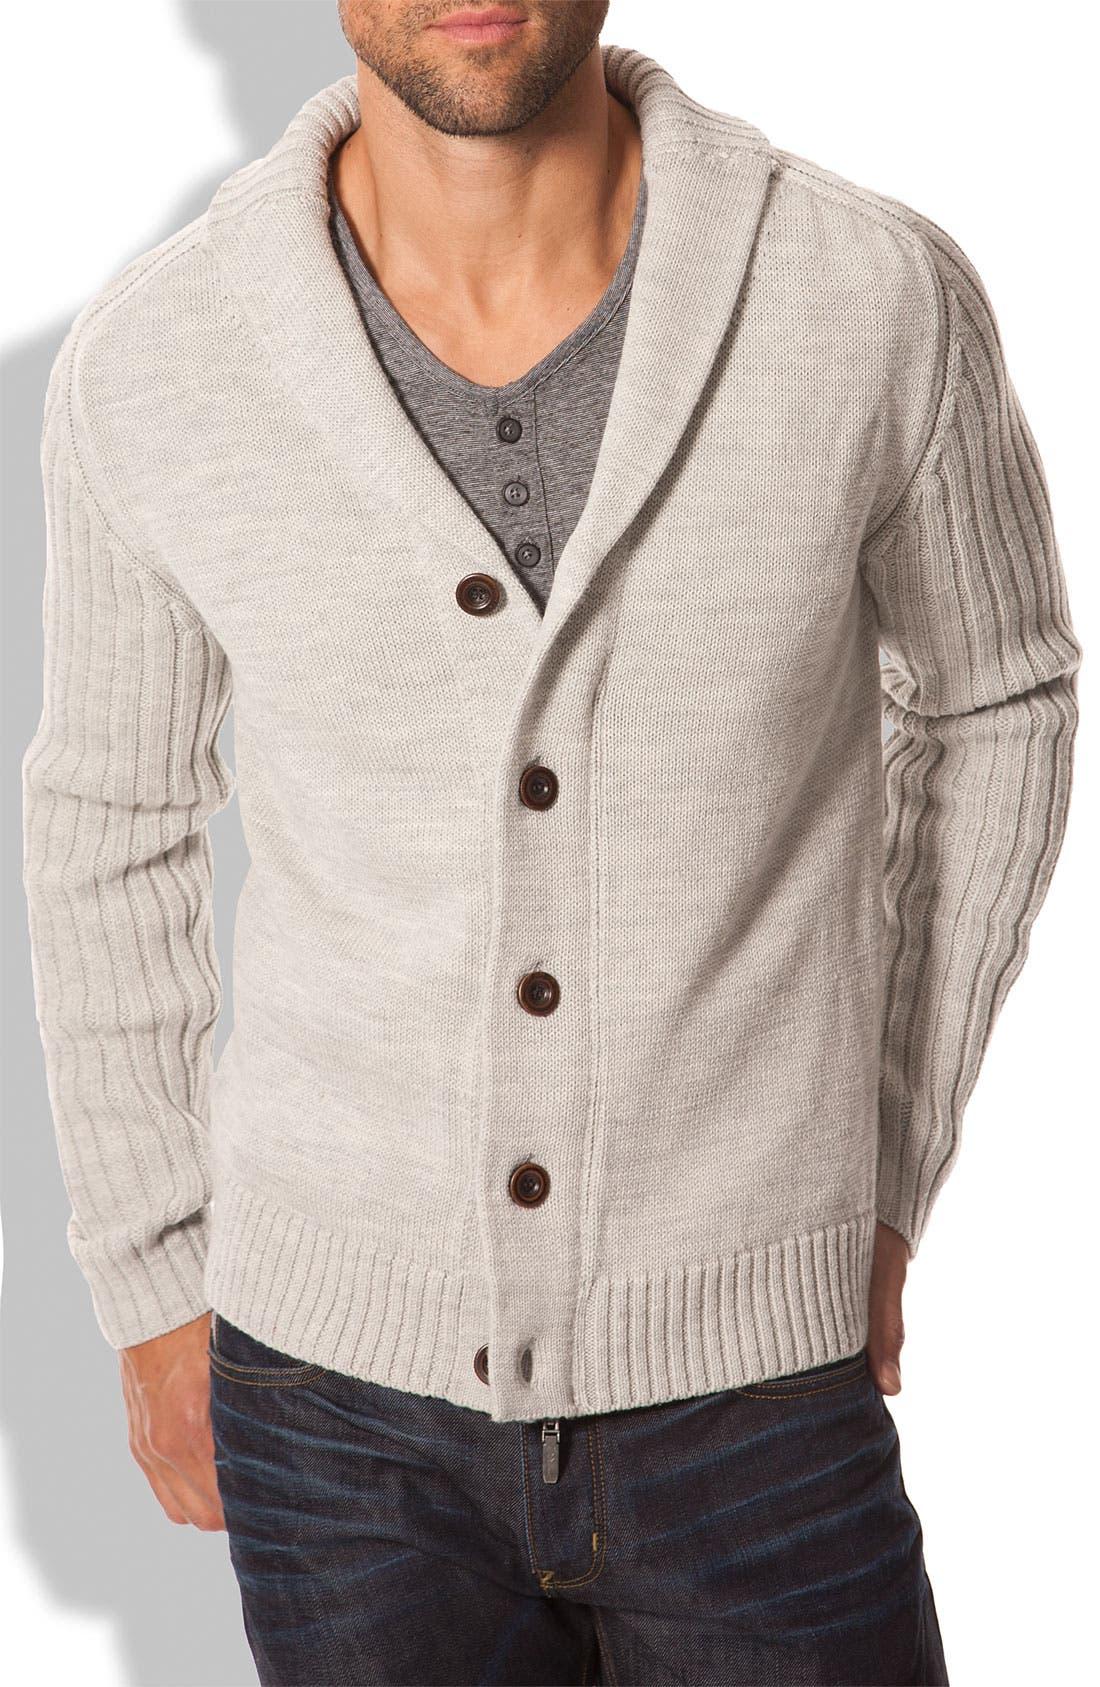 Main Image - 7 Diamonds 'Karlstad' Cardigan Sweater